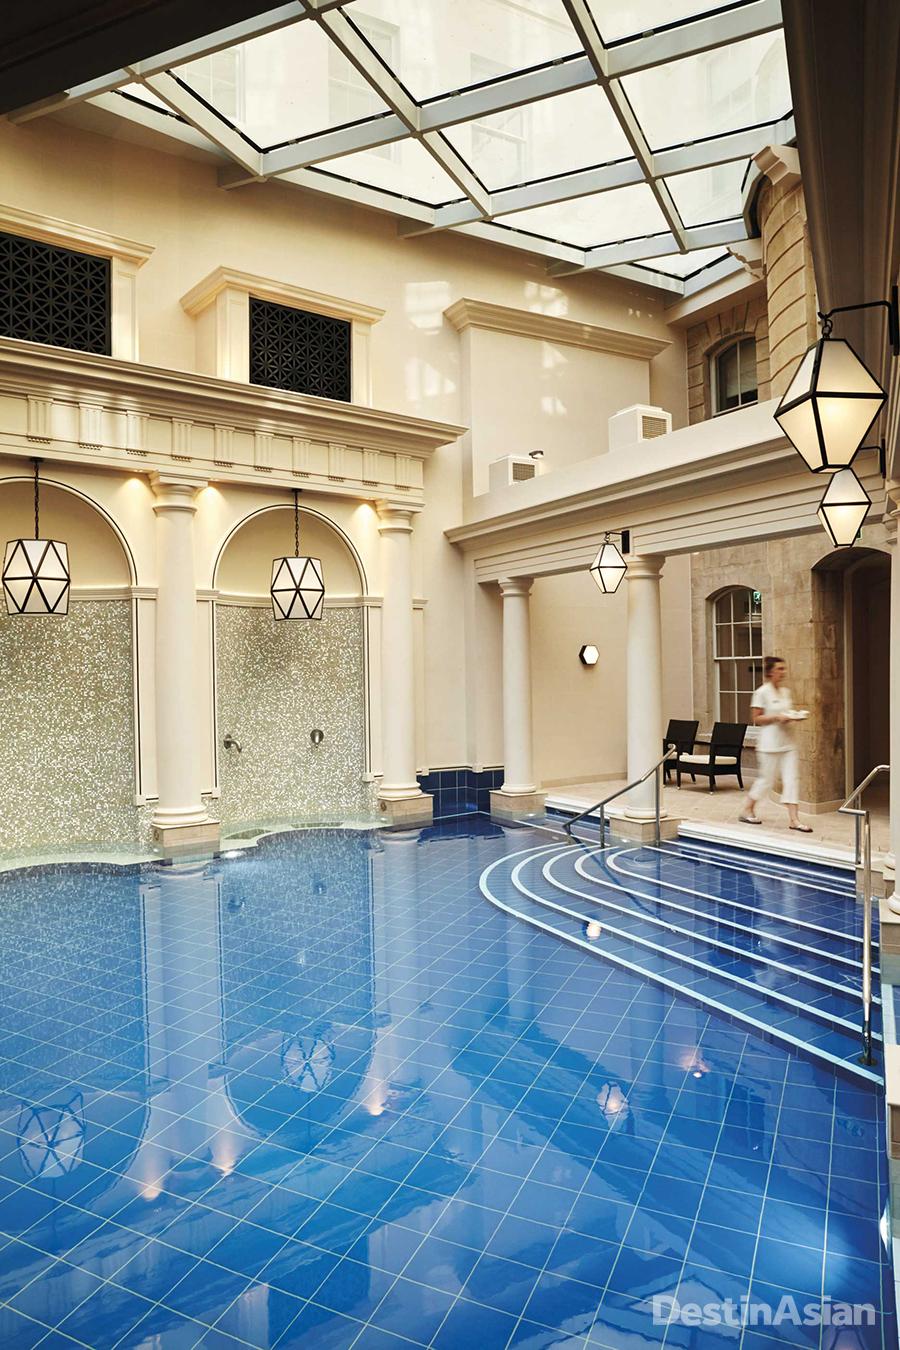 Bath S New Liquid Assets Destinasian Part 2